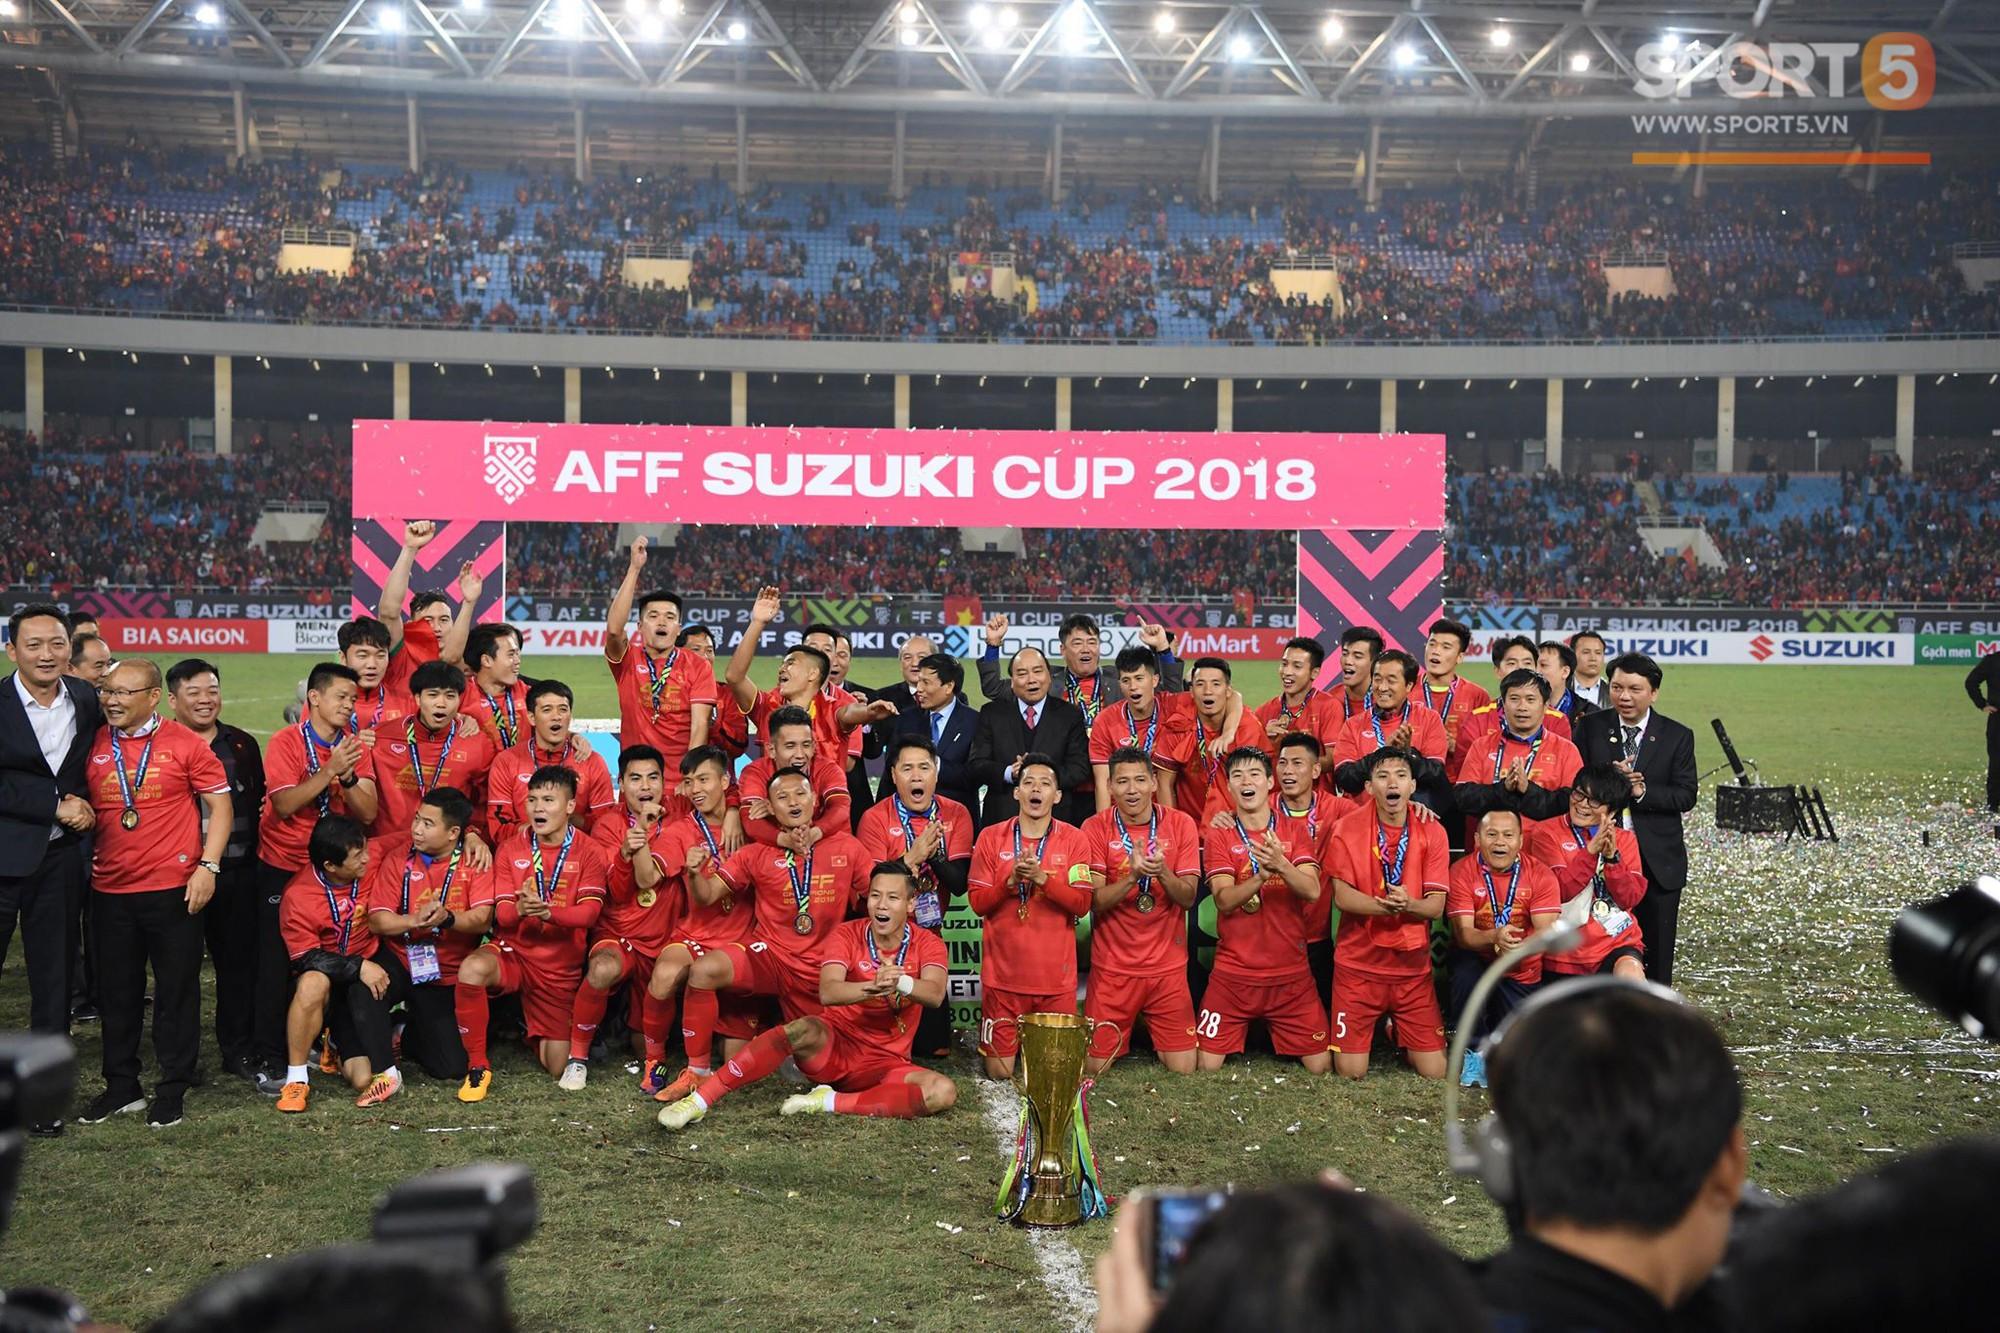 5 điểm nhấn sau chức vô địch AFF Cup của ĐT Việt Nam - Ảnh 5.